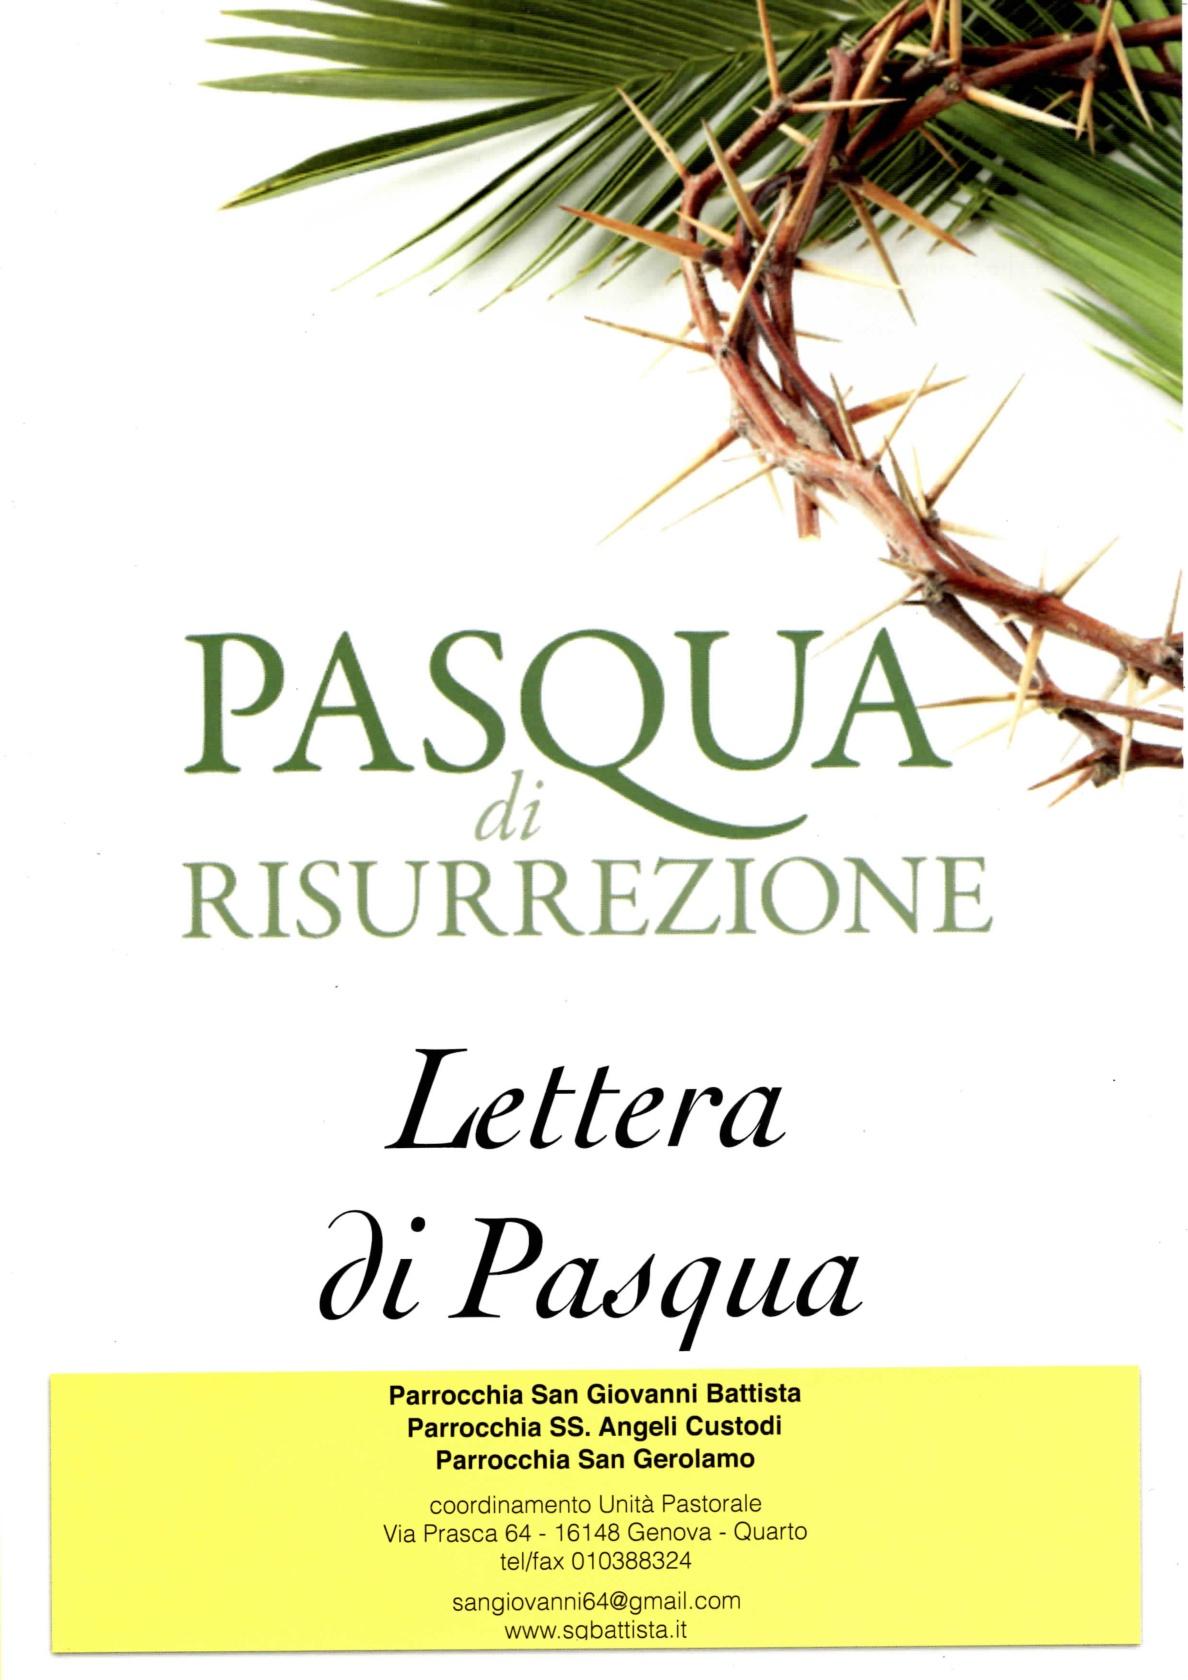 lettera di pasqua